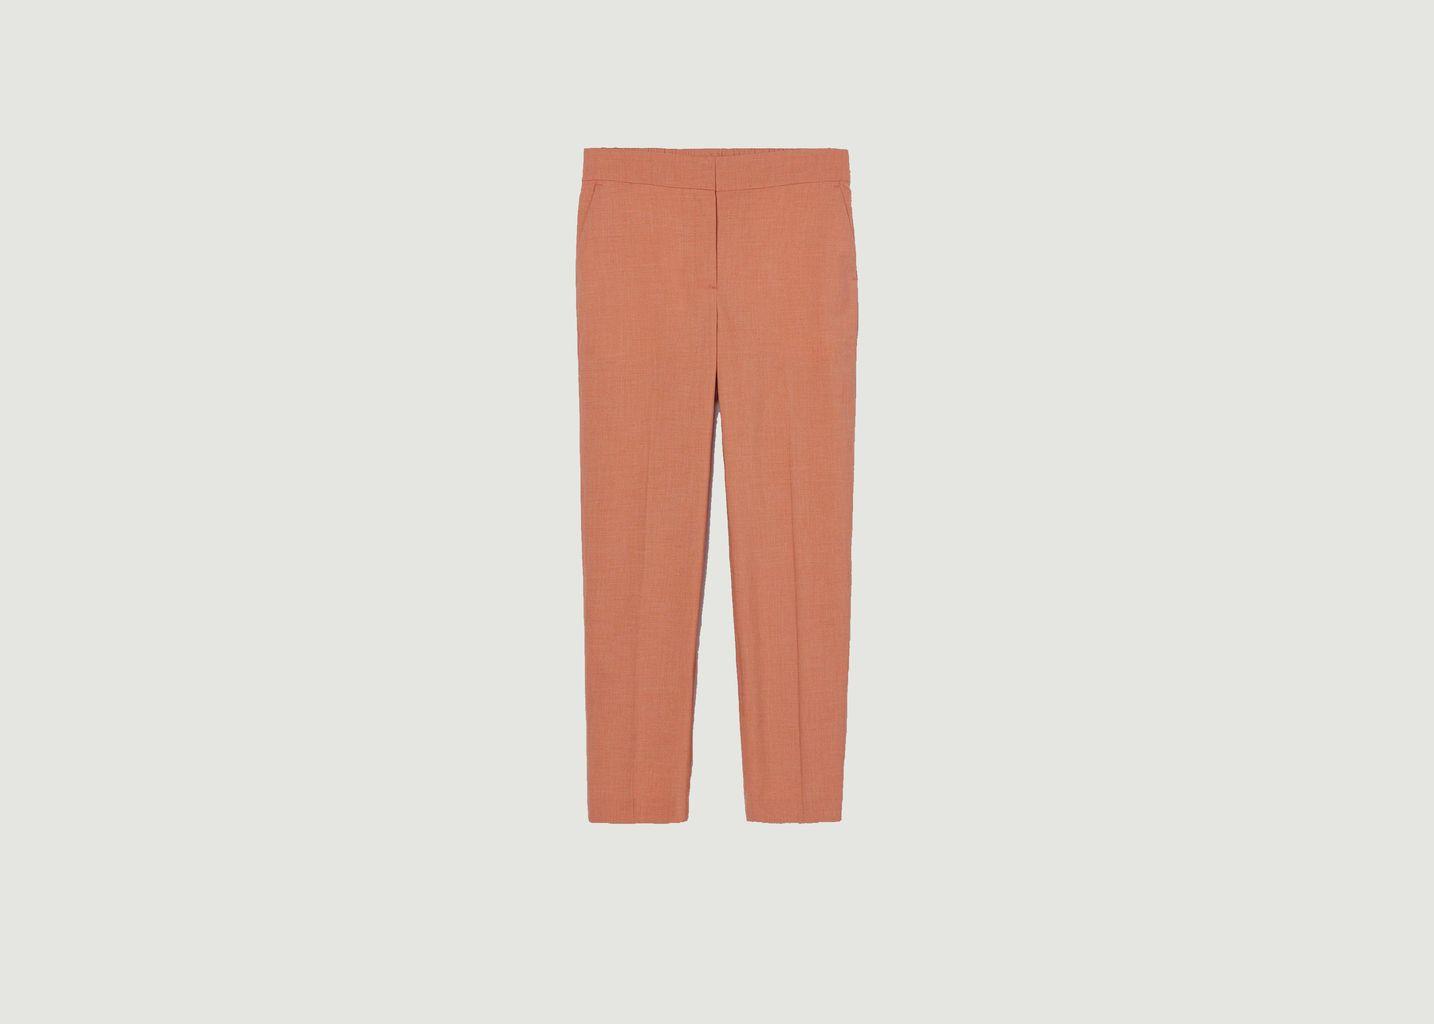 Pantalon Rou - Loreak Mendian